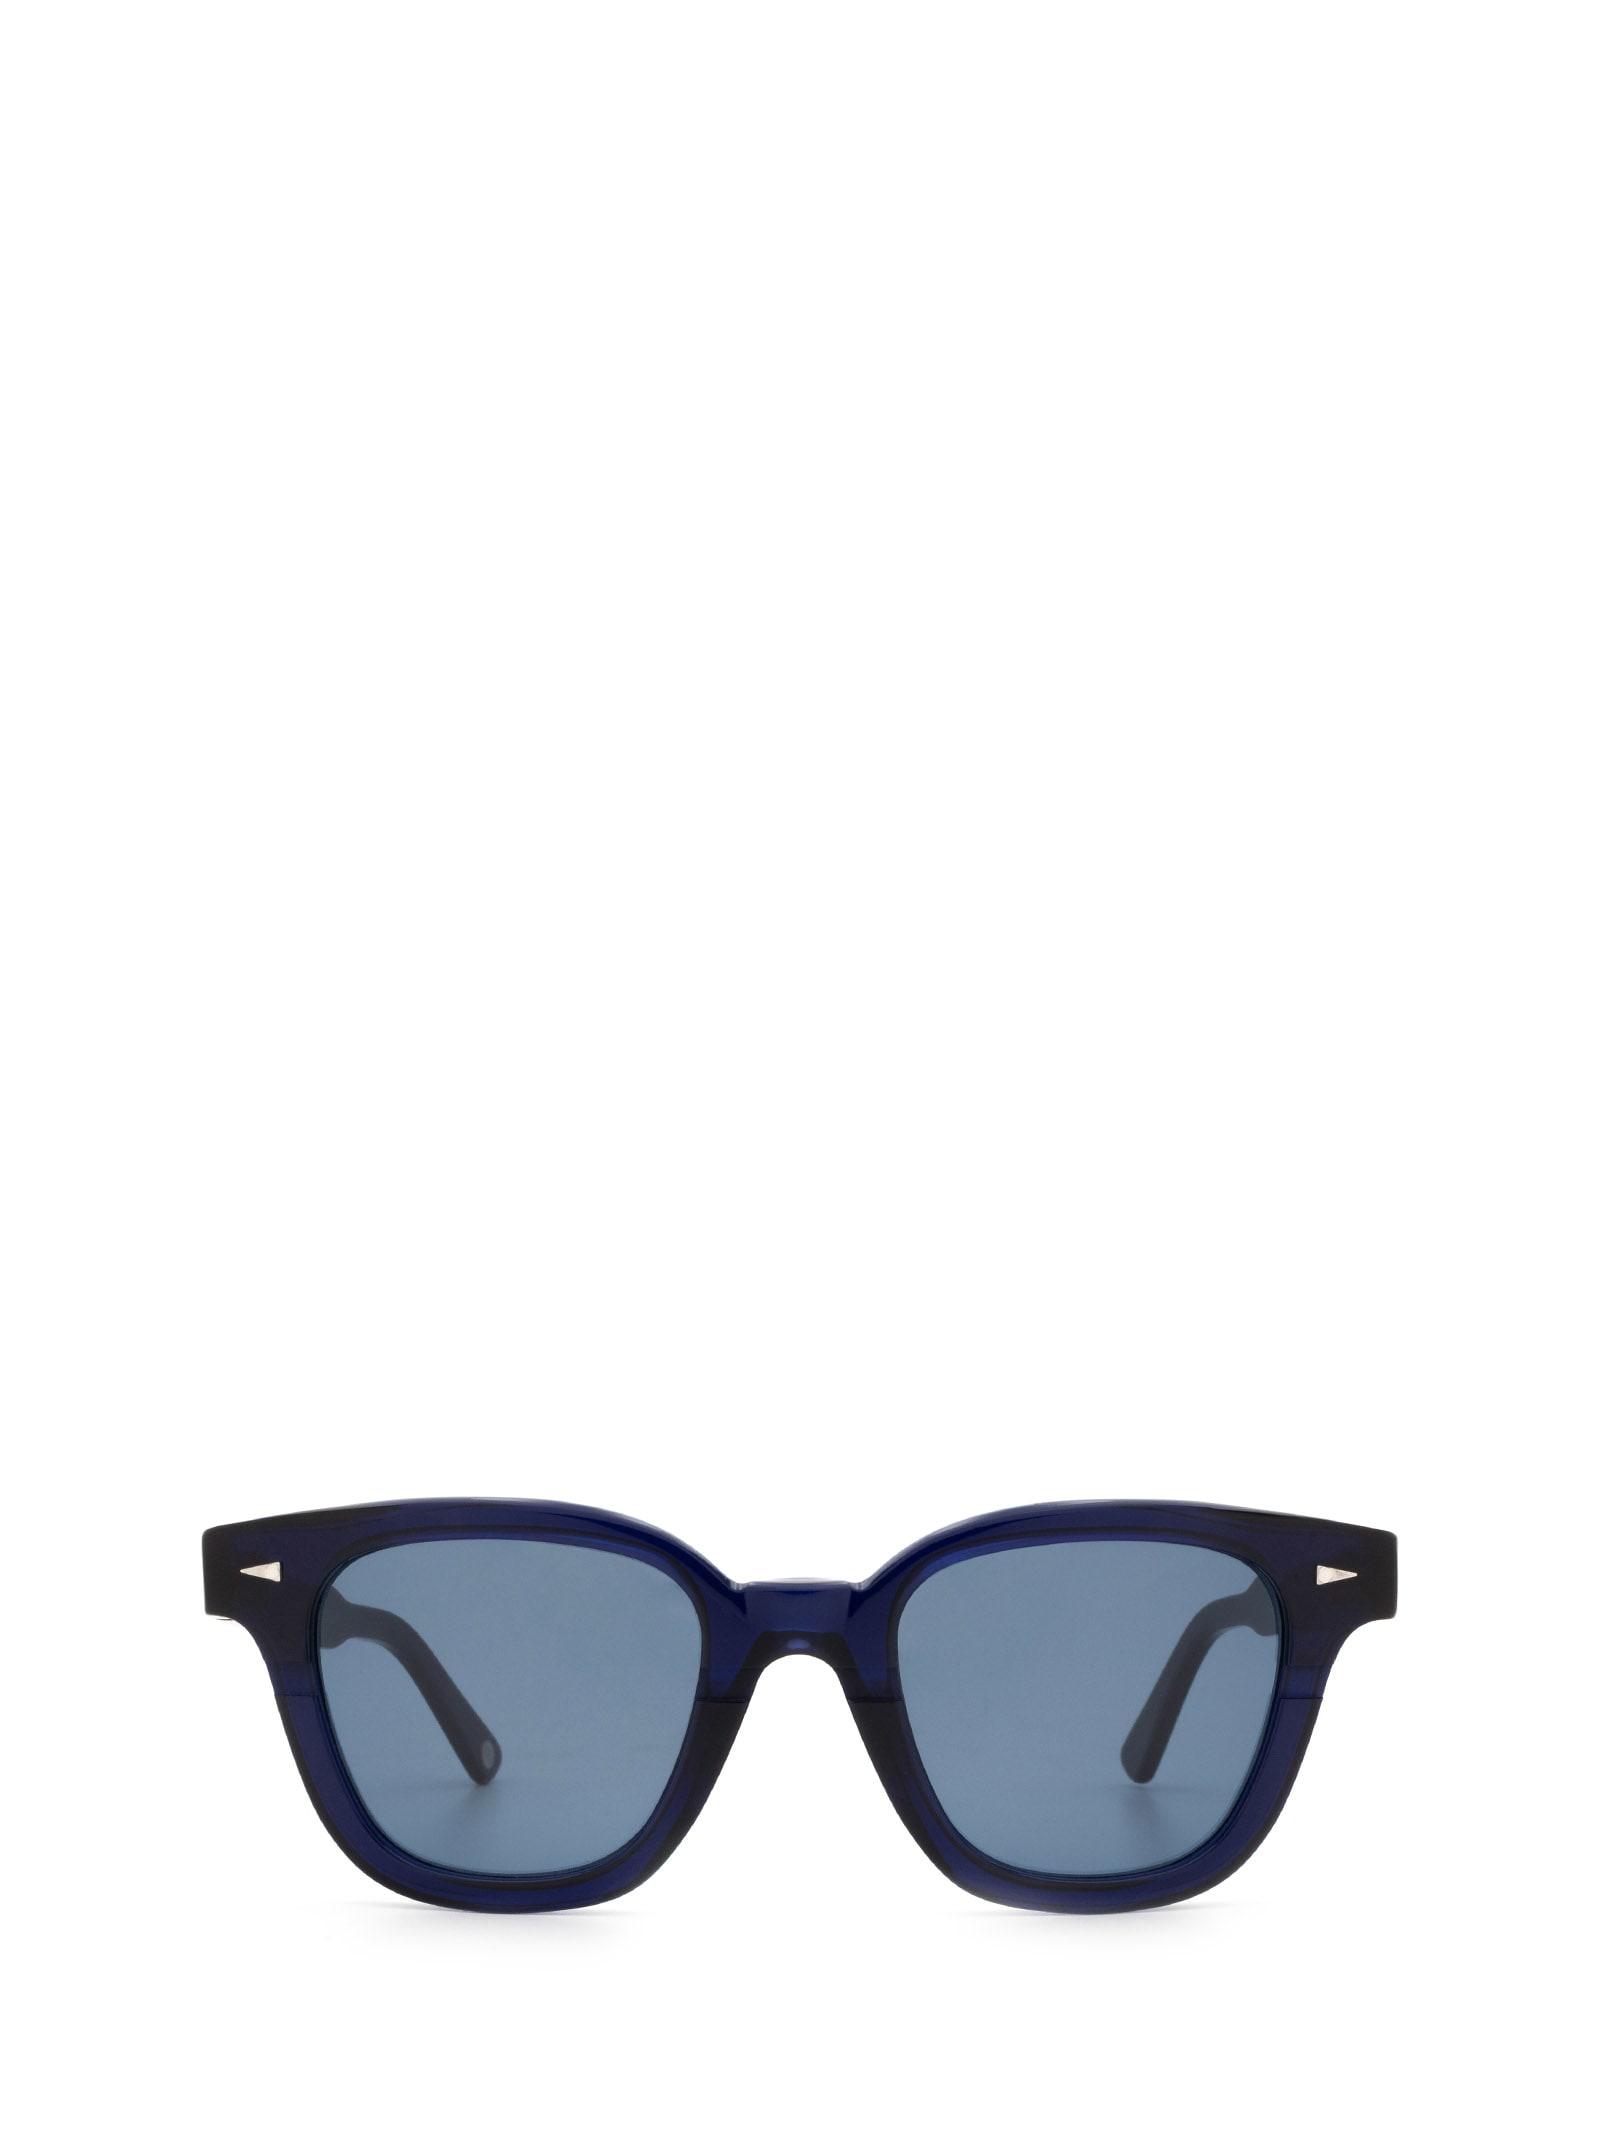 AHLEM Ahlem Bonne Nouvelle Bluelight Sunglasses